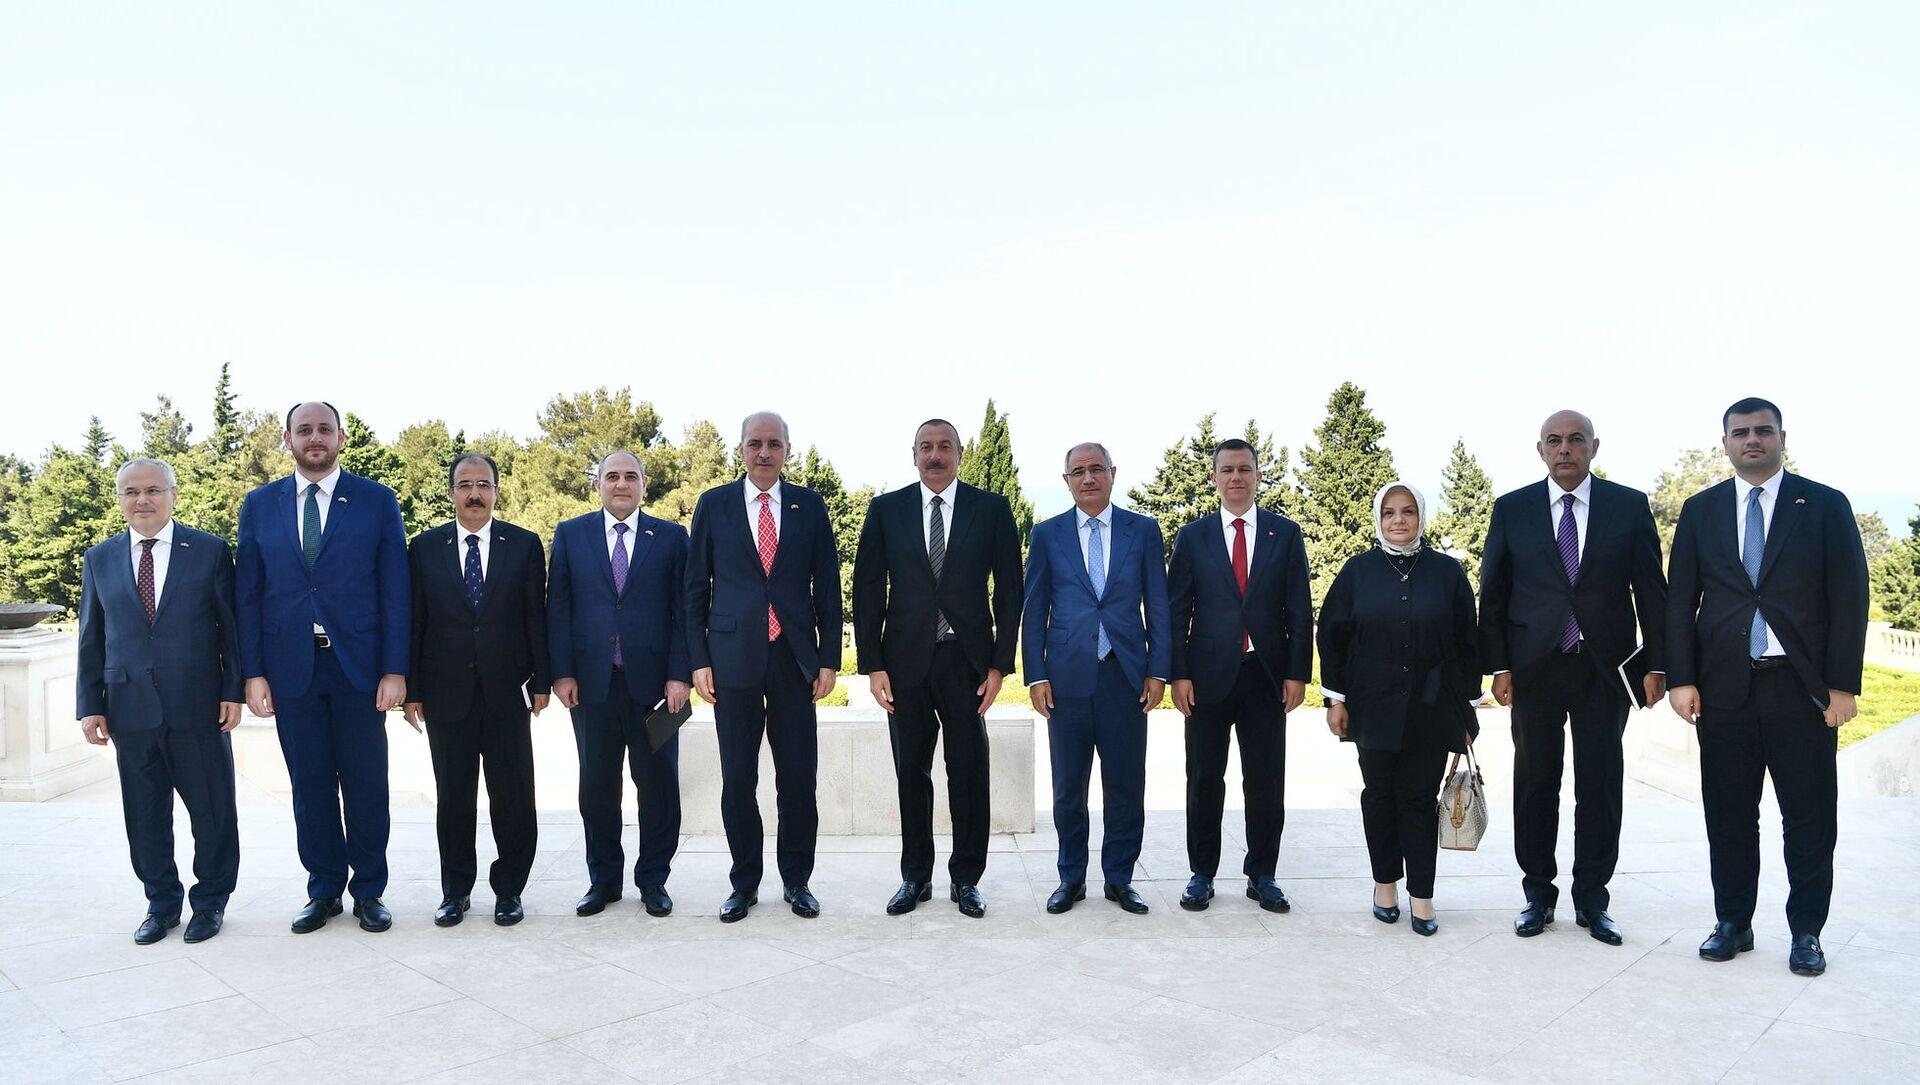 Azerbaycan Cumhurbaşkanı İlham Aliyev tarafından kabul edilen AK Parti heyeti - Sputnik Türkiye, 1920, 26.07.2021